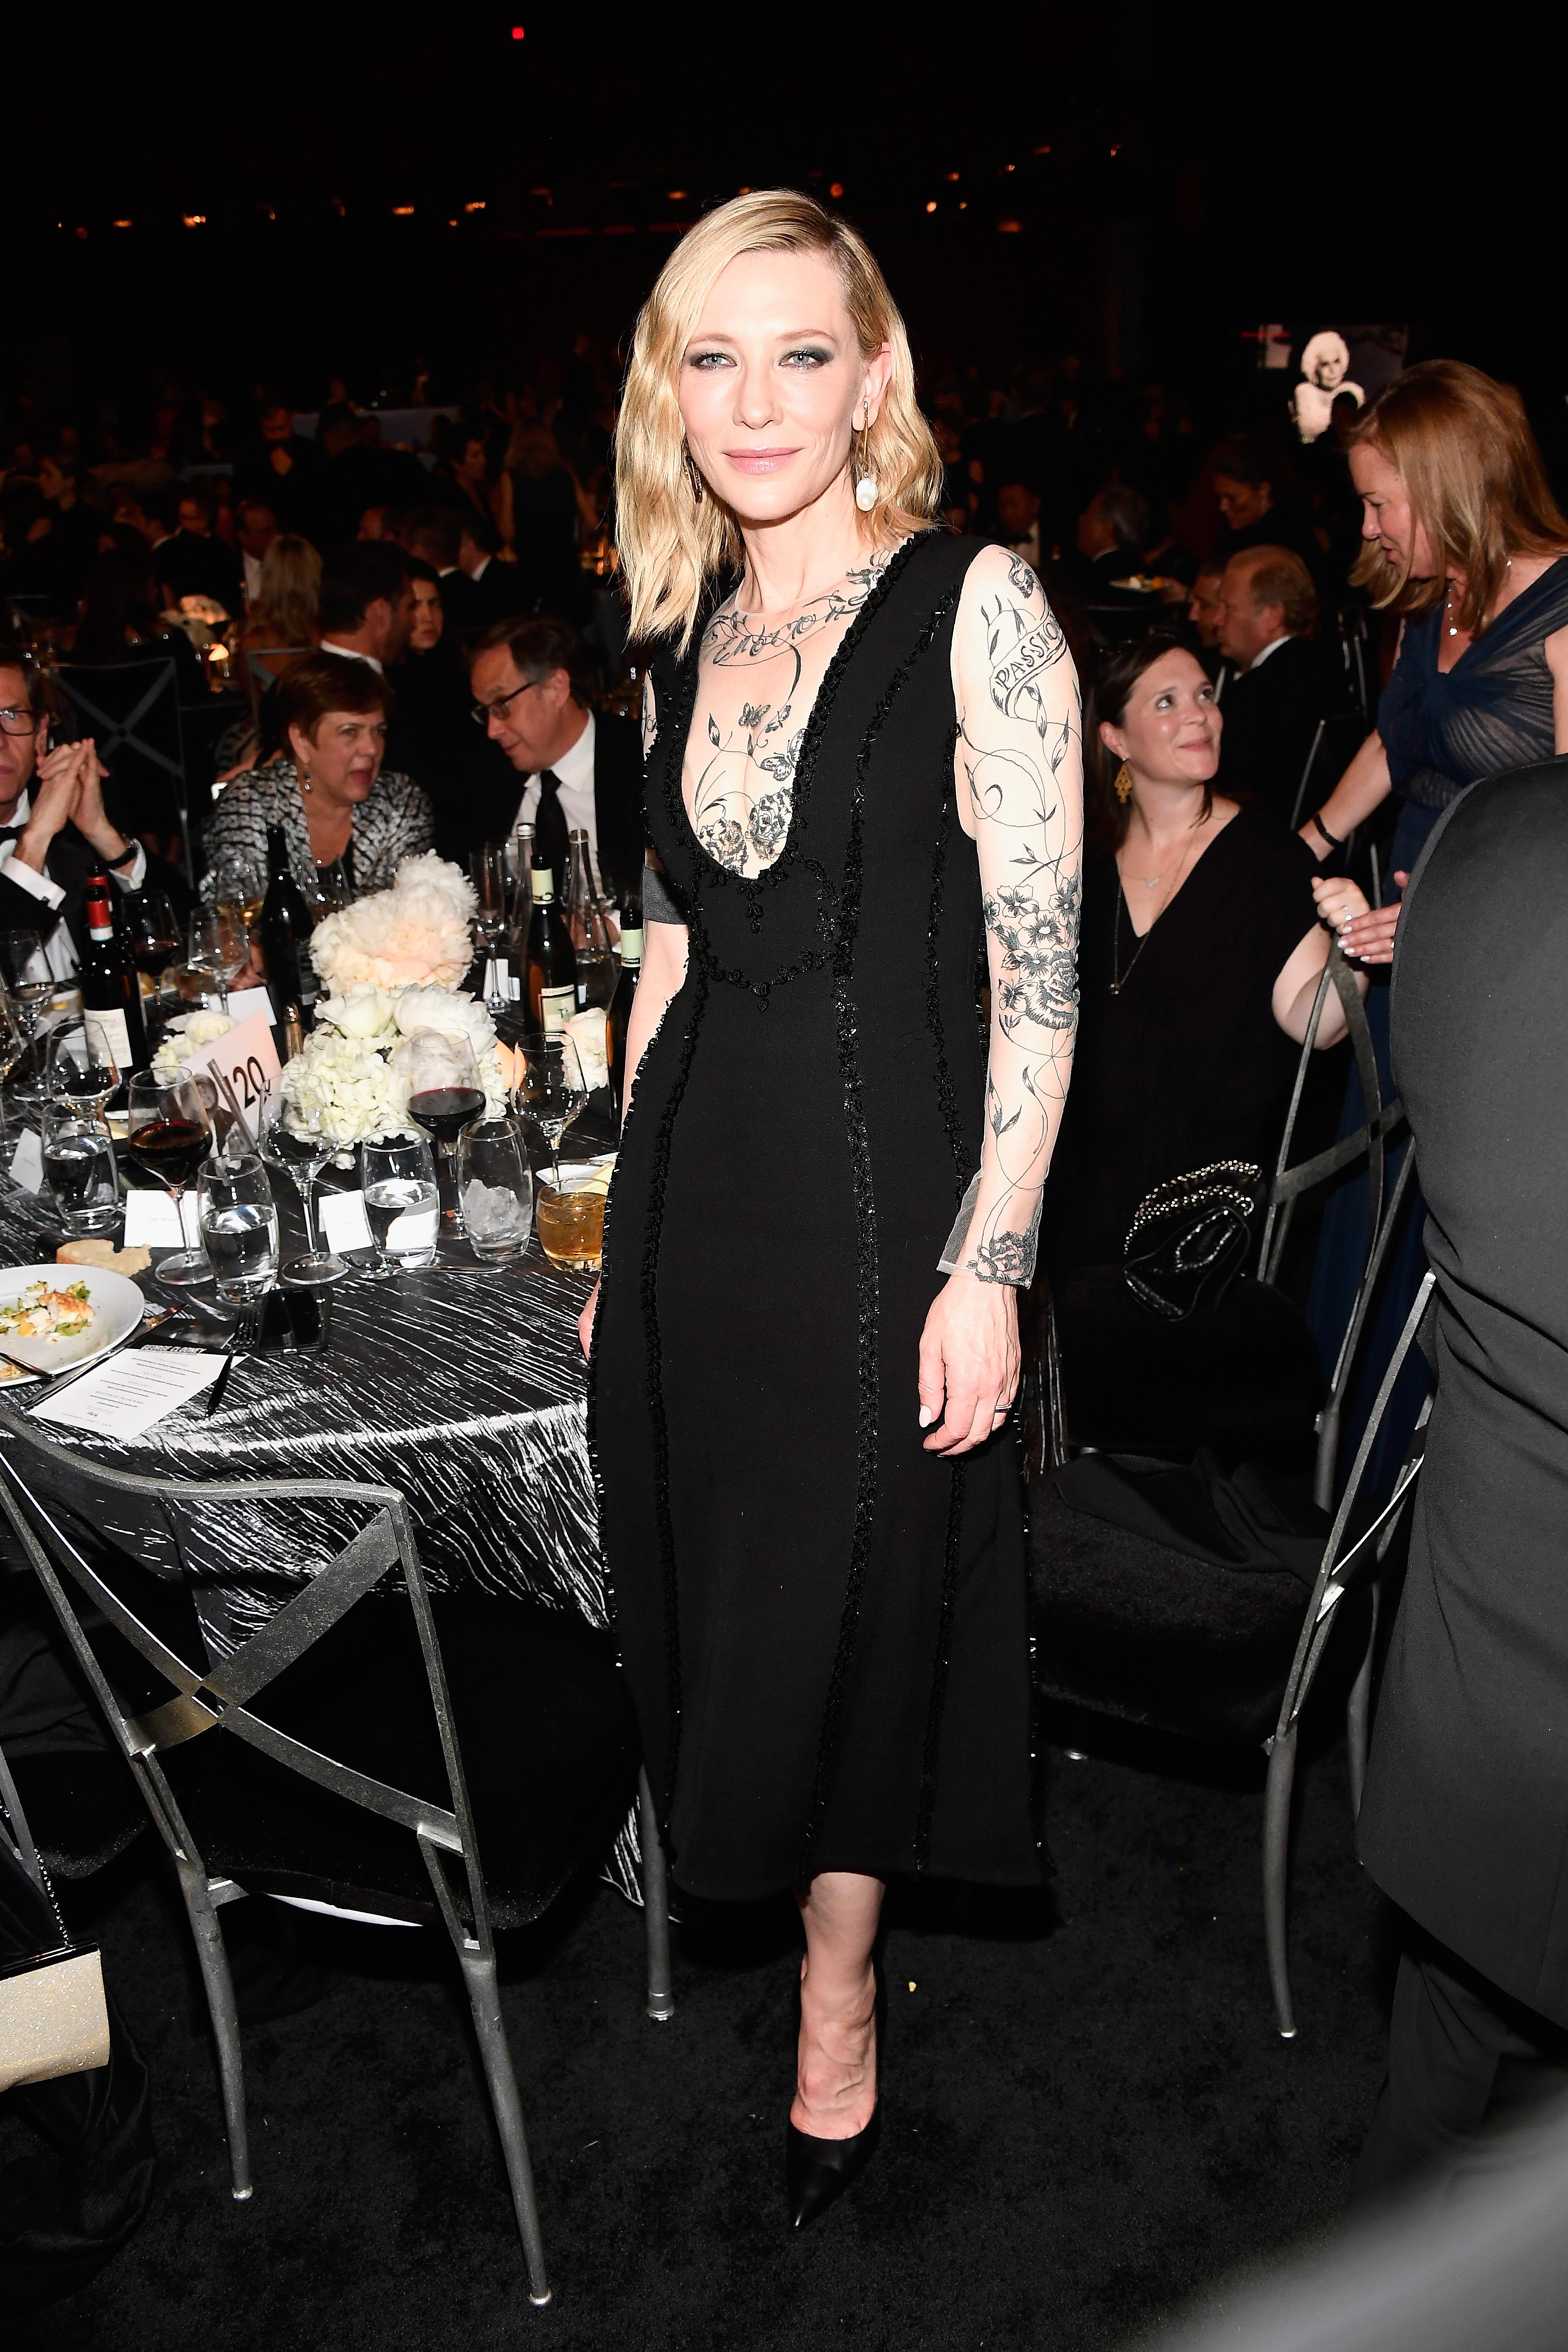 Тази година тя отново облече същата рокля за друго светско събитие.